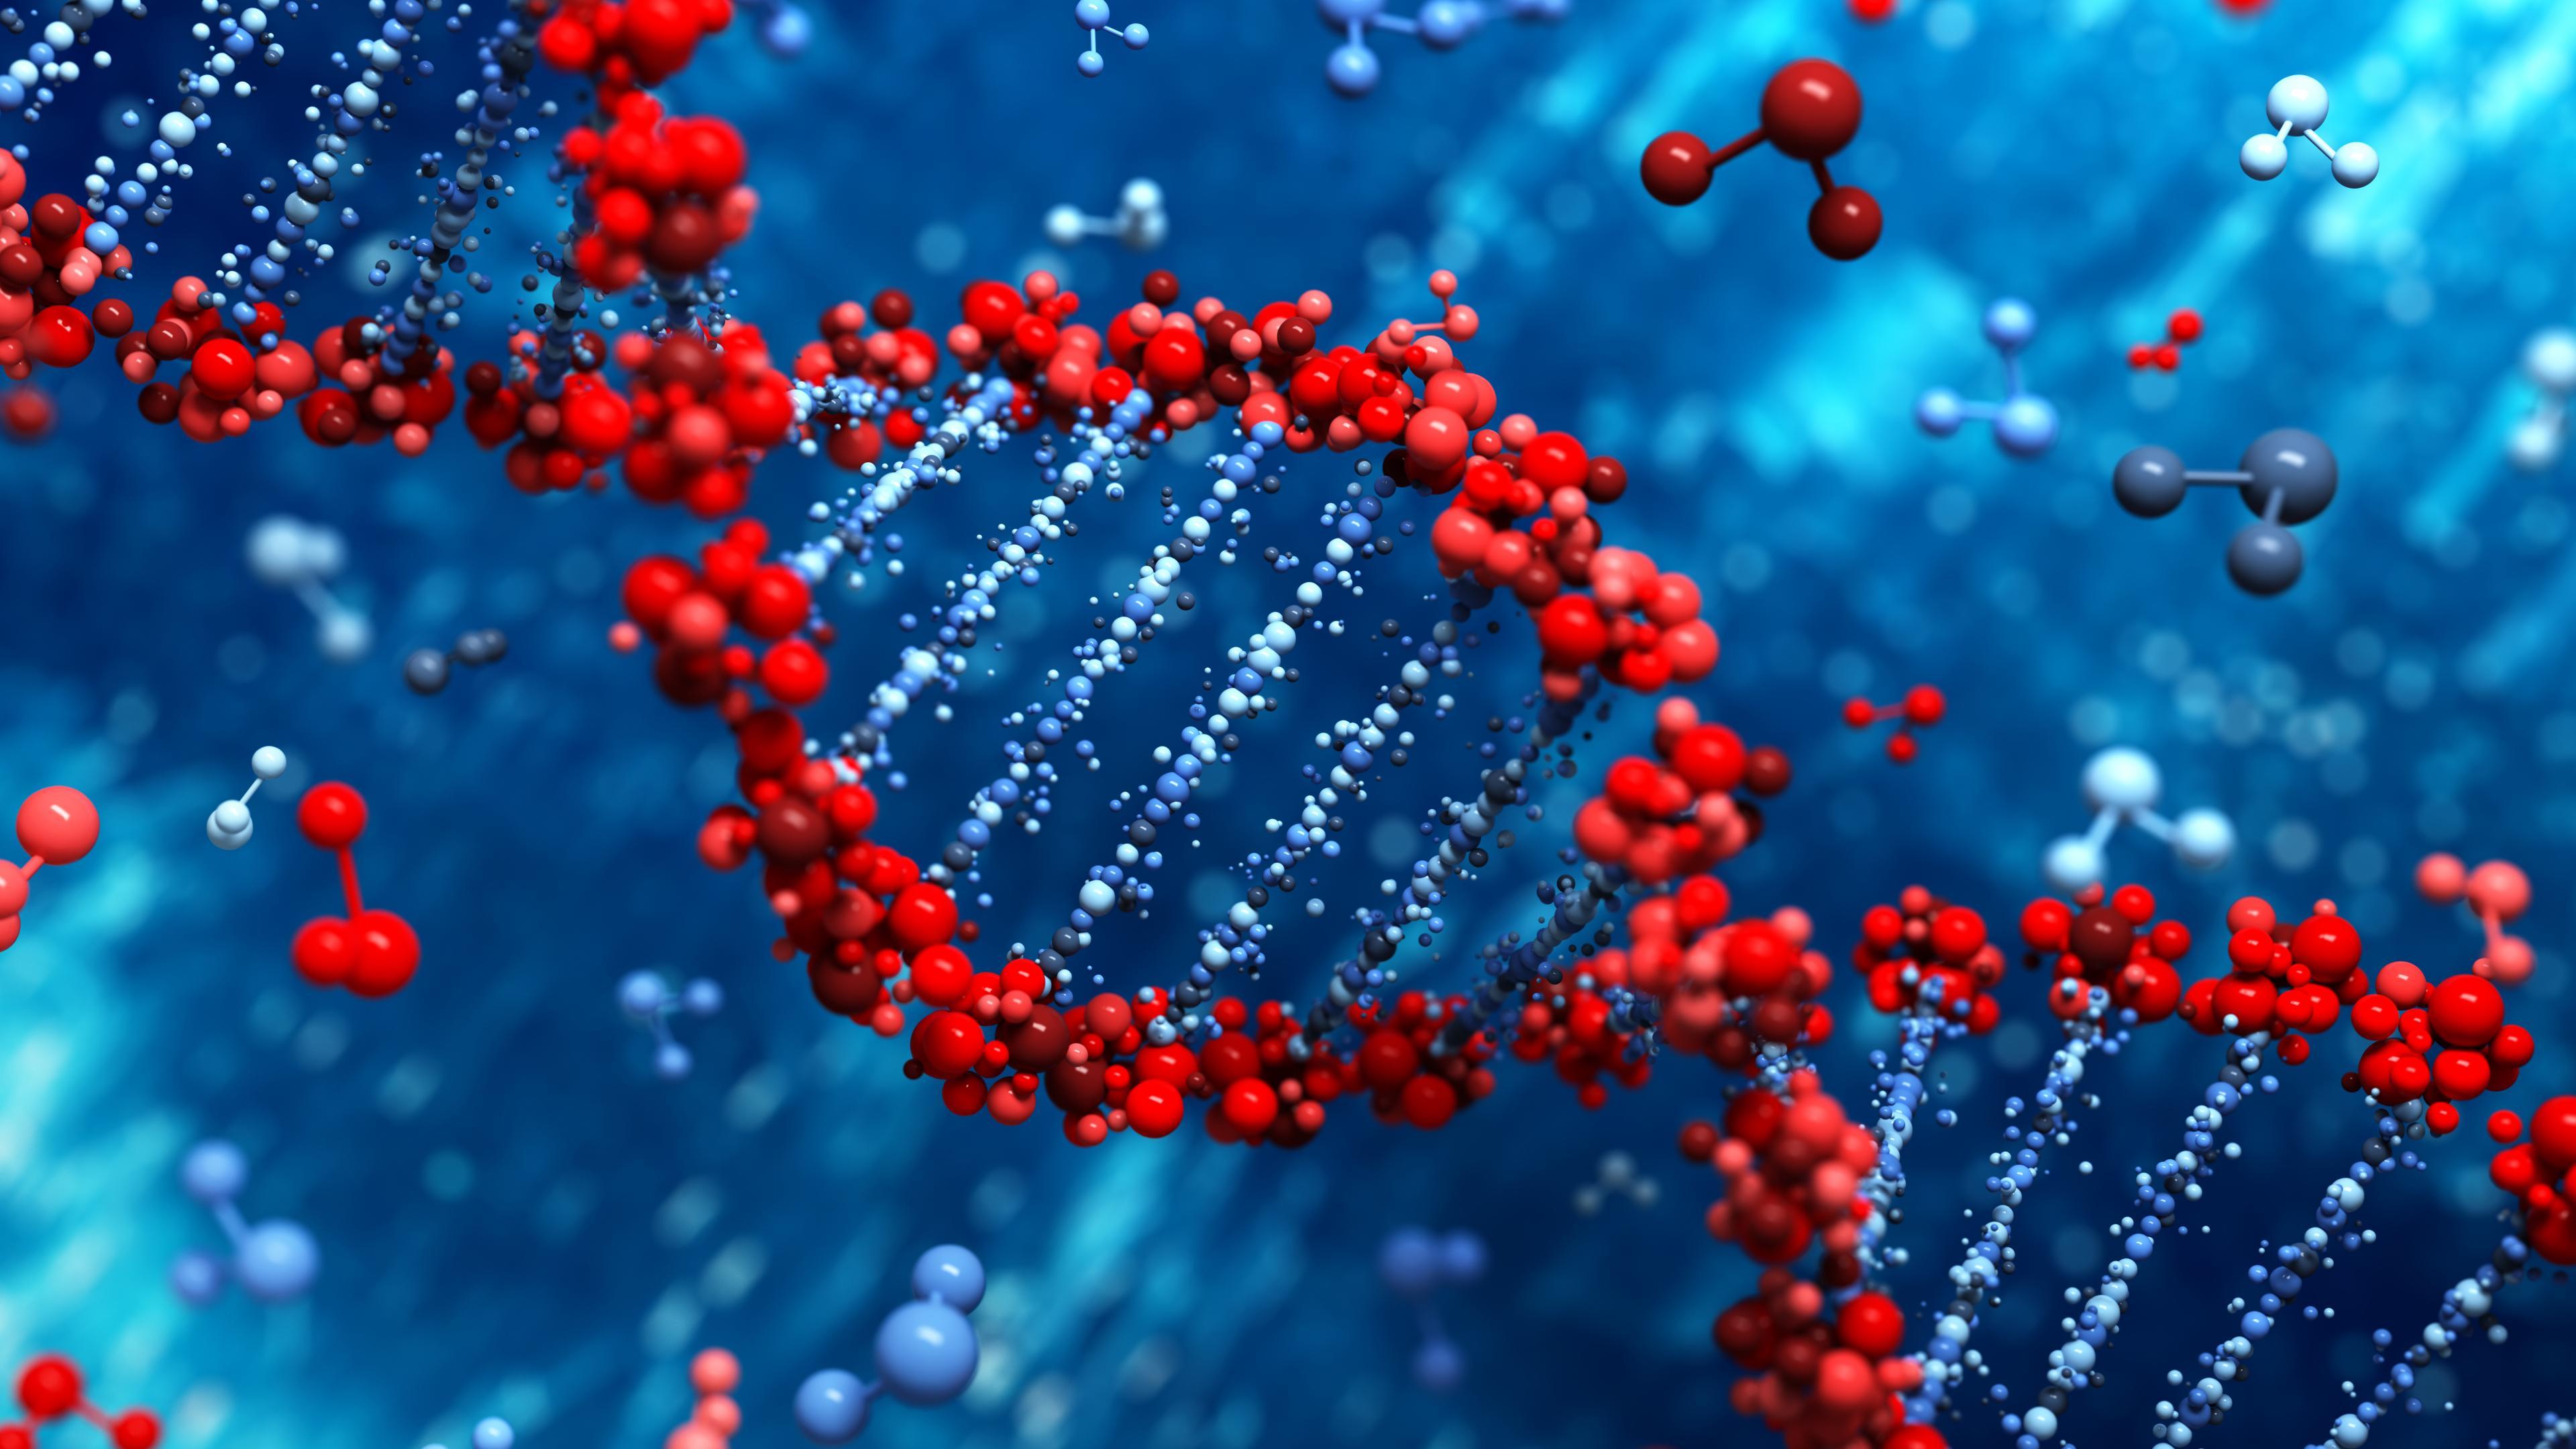 Опубликована новая версия референсного генома человека, при помощи которой ученые смогут найти больше связей между мутациями и болезнями